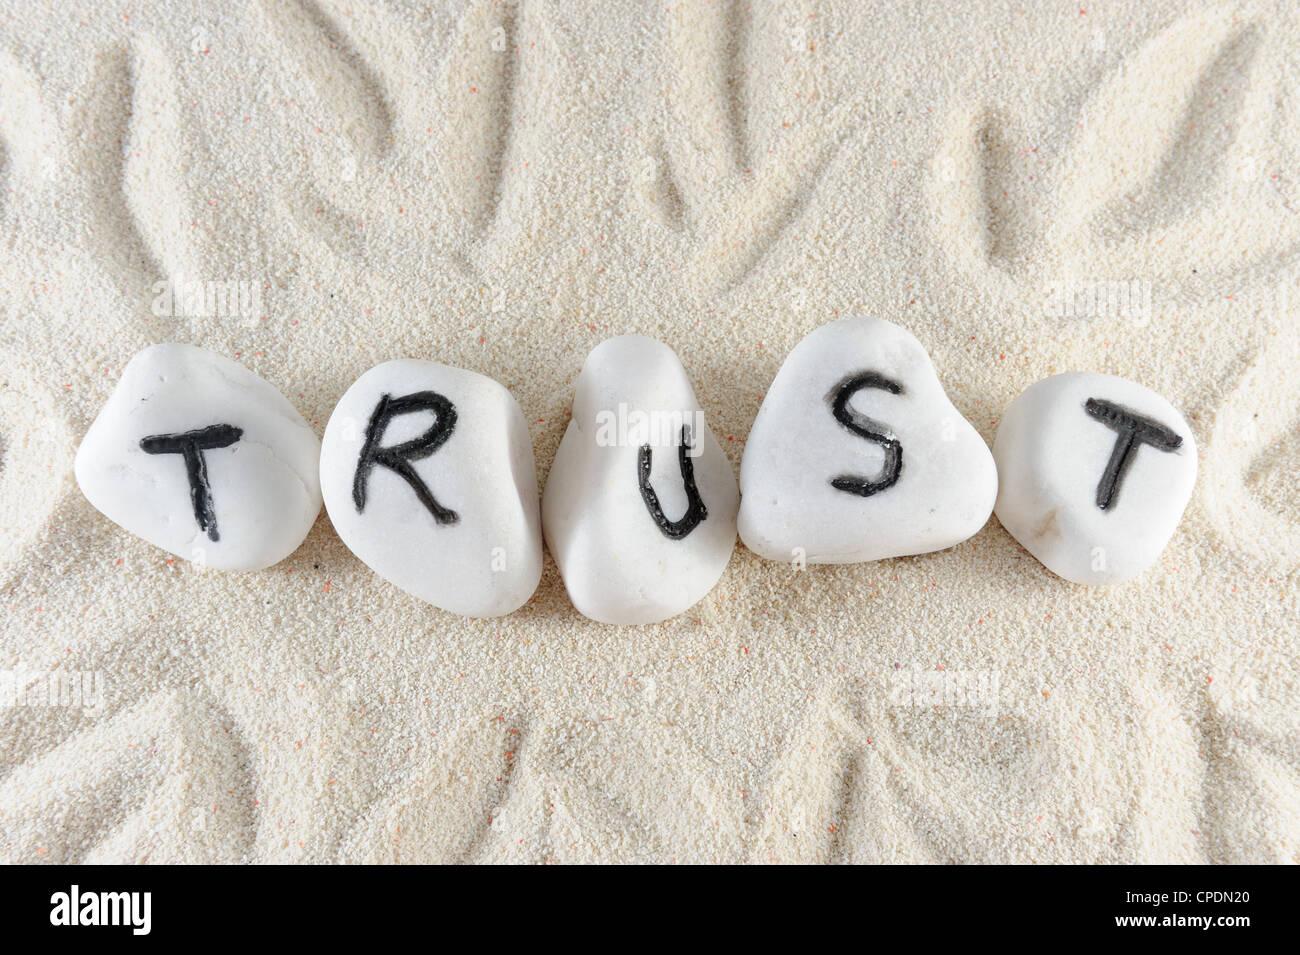 Le mot confiance groupe de pierres sur le sable Photo Stock